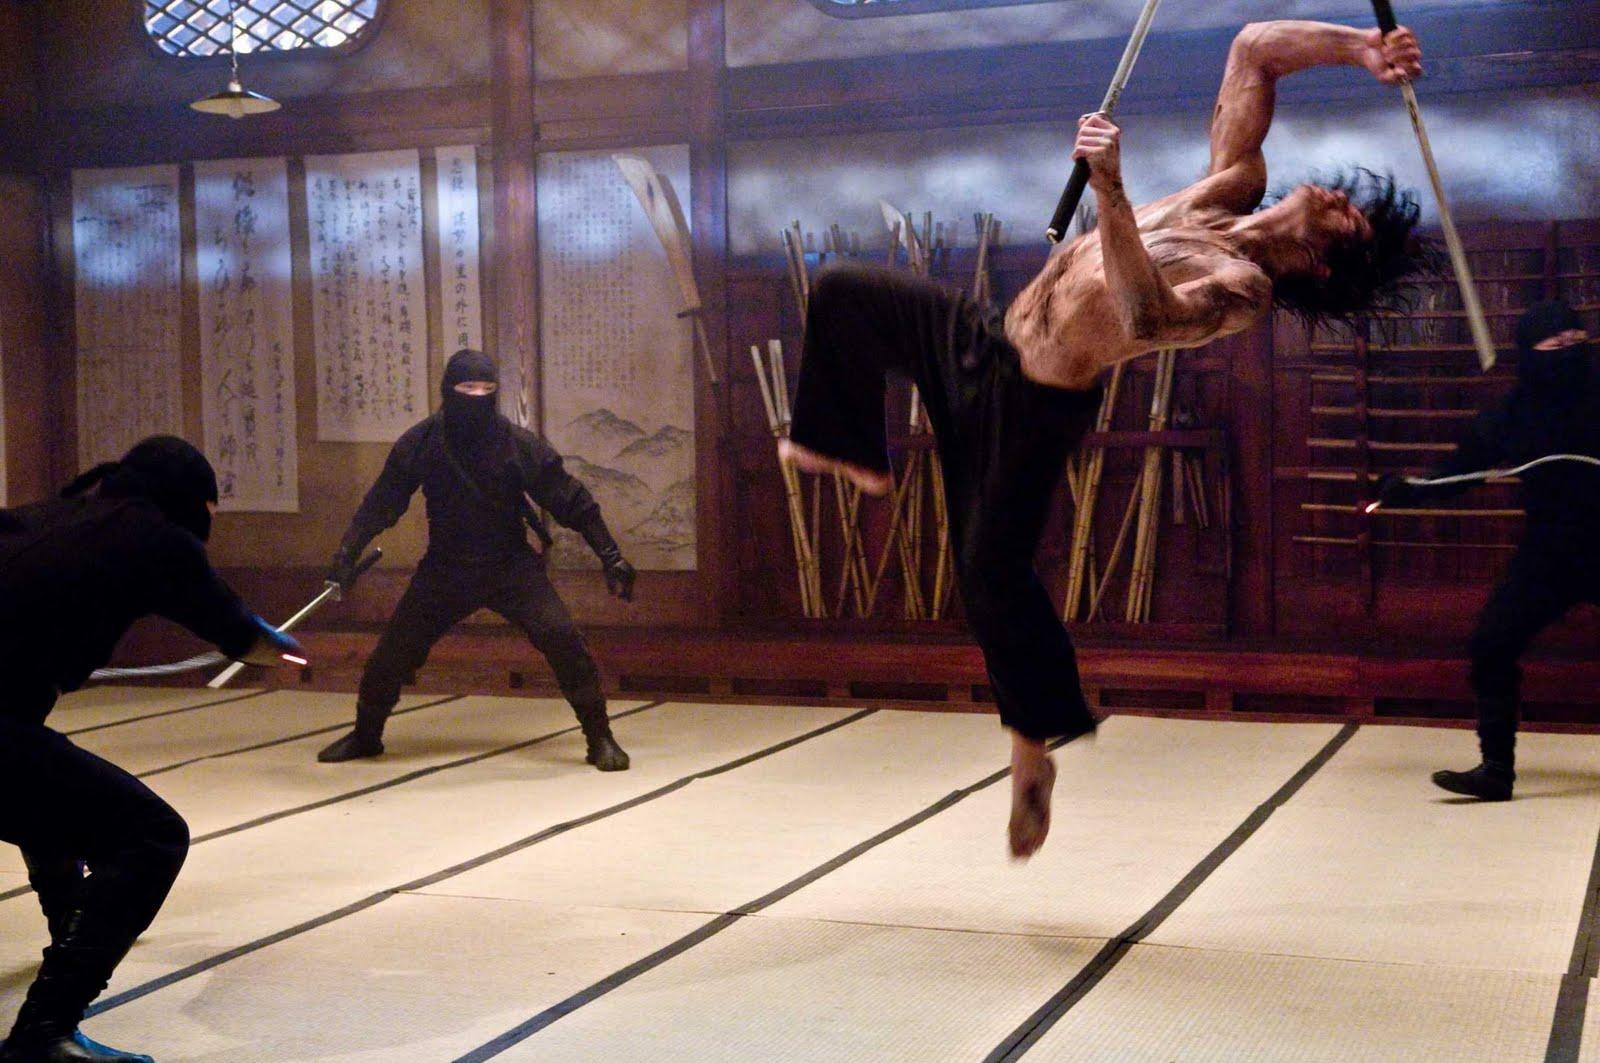 http://4.bp.blogspot.com/-UImkNMO3LJA/TVvBfoBYQKI/AAAAAAAABNA/IkdTEJxOt-o/s1600/2009_ninja_assassin_0091.jpg